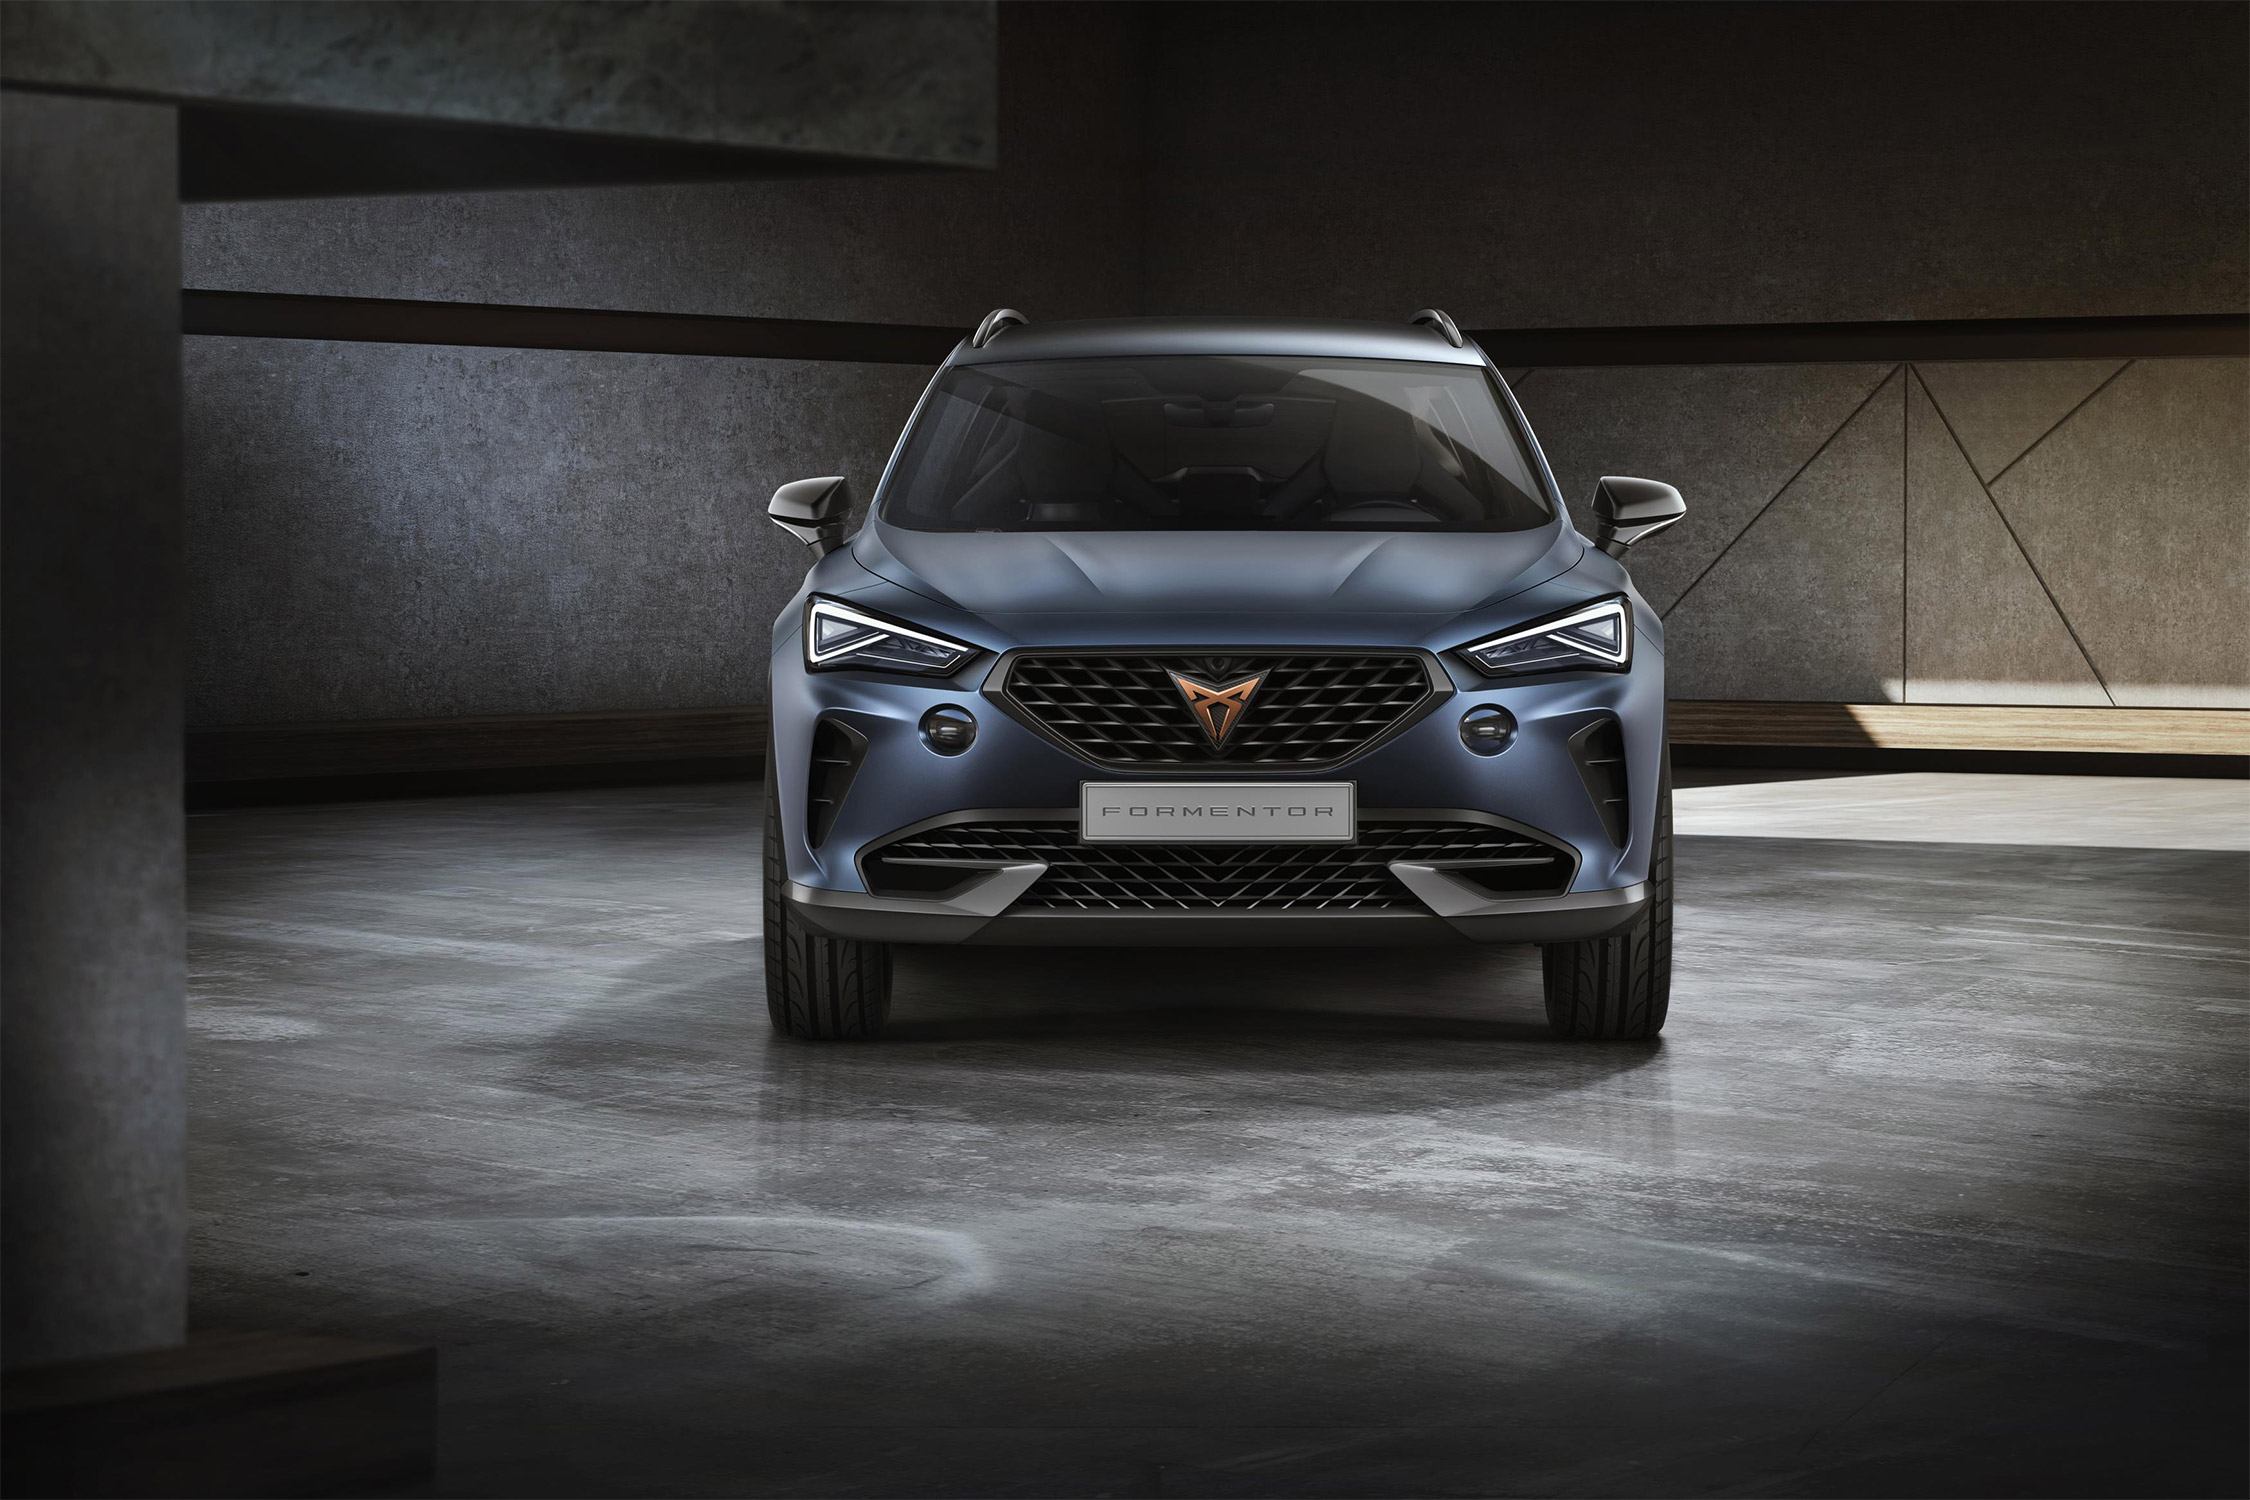 Un premier hybride rechargeable et sportif — Cupra Formentor